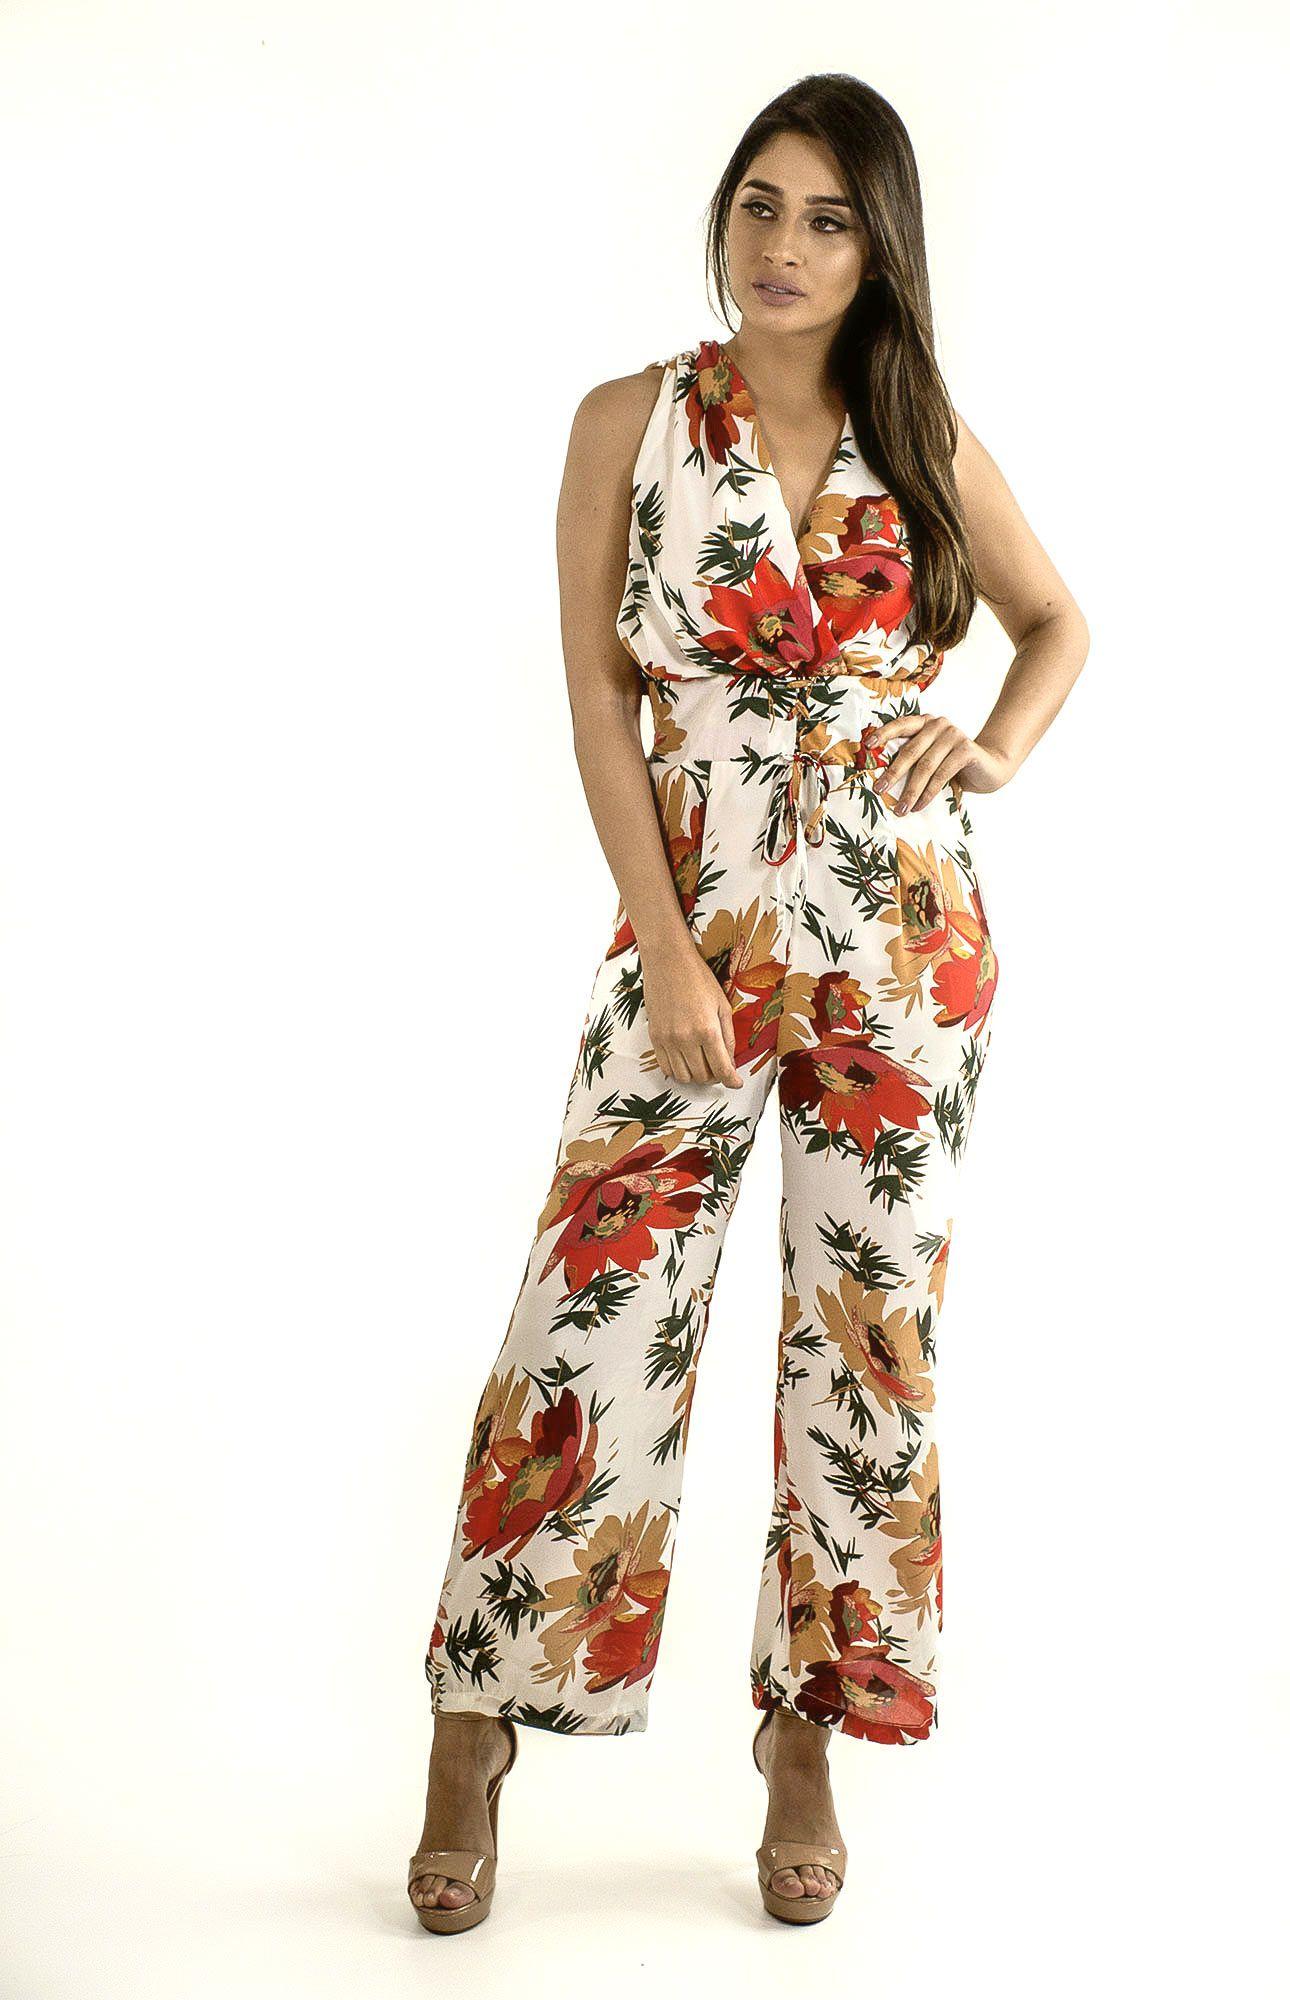 fca6133d0 NotoriaStore: Moda Feminina Florianópolis - Online Macacão longo ...